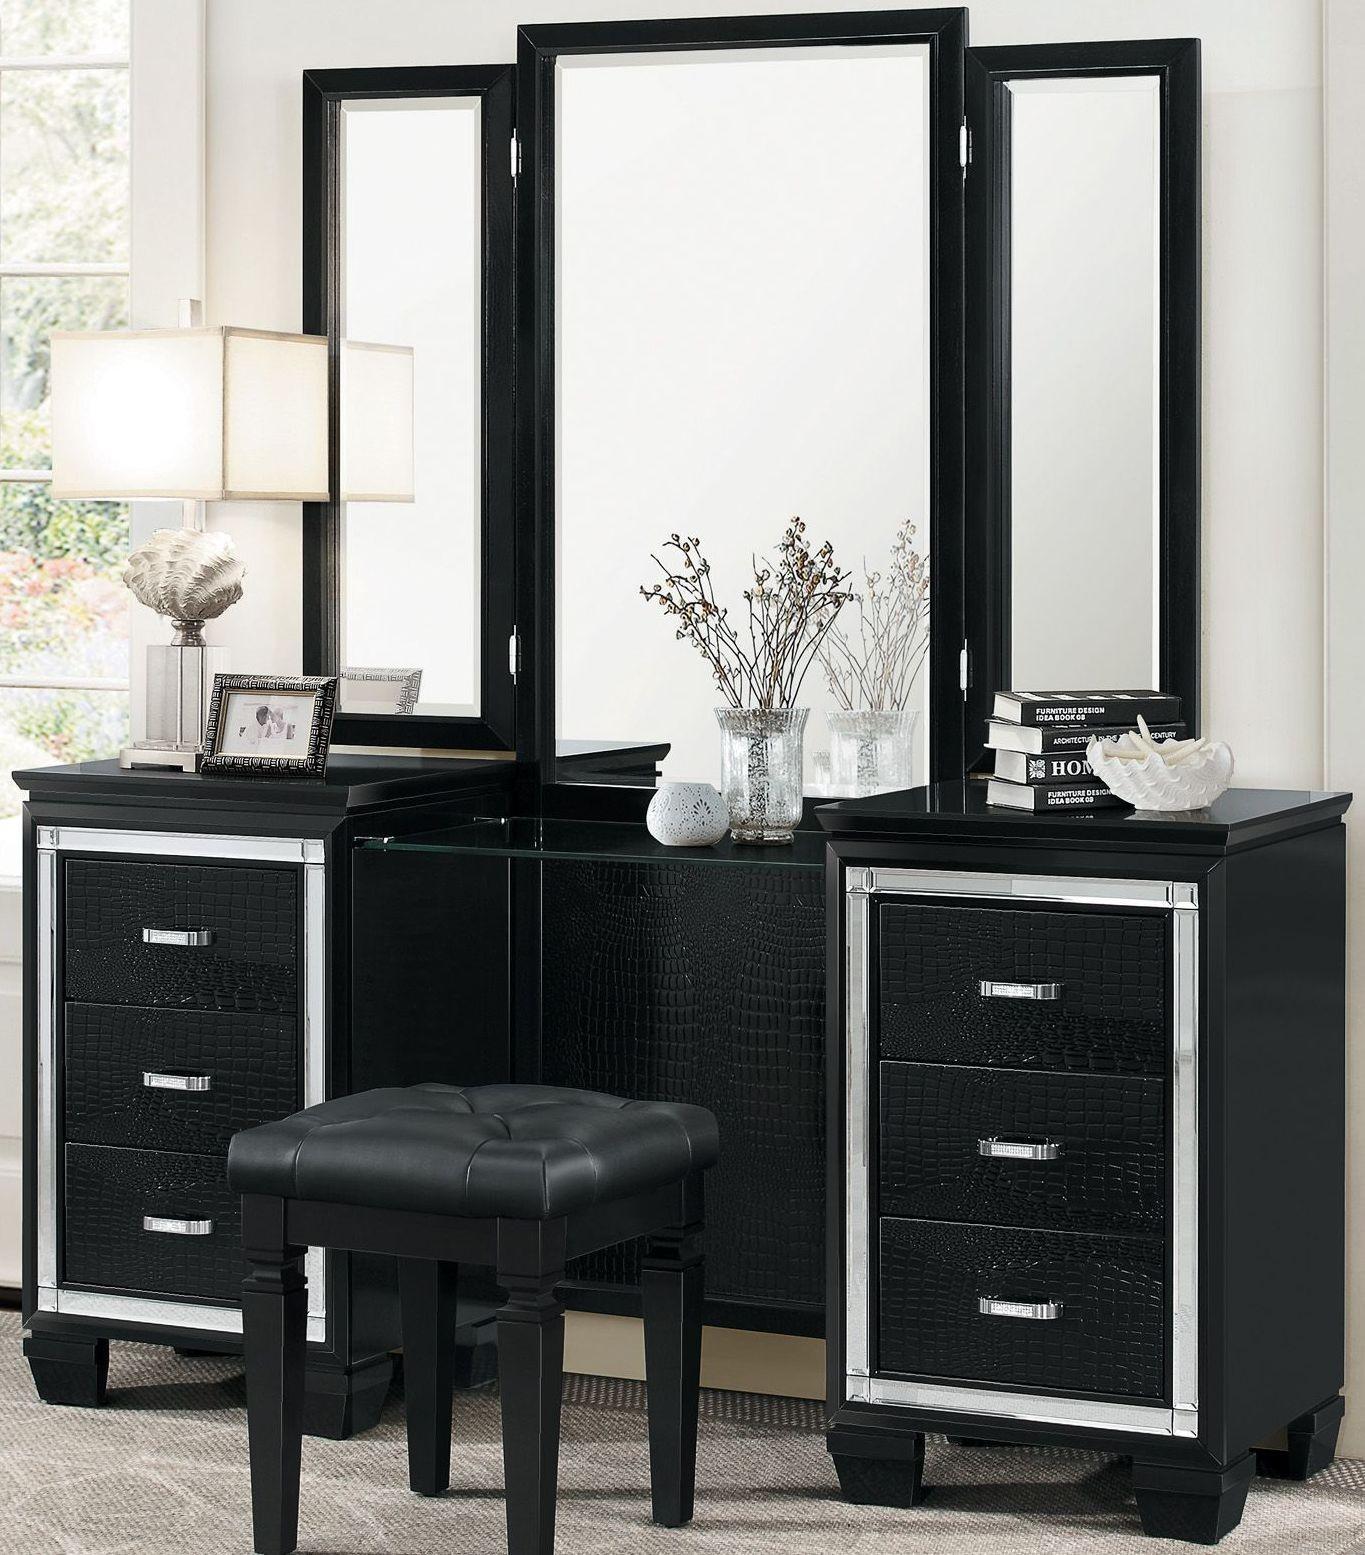 Allura Black Upholstered Panel Bedroom Set from Homelegance ...